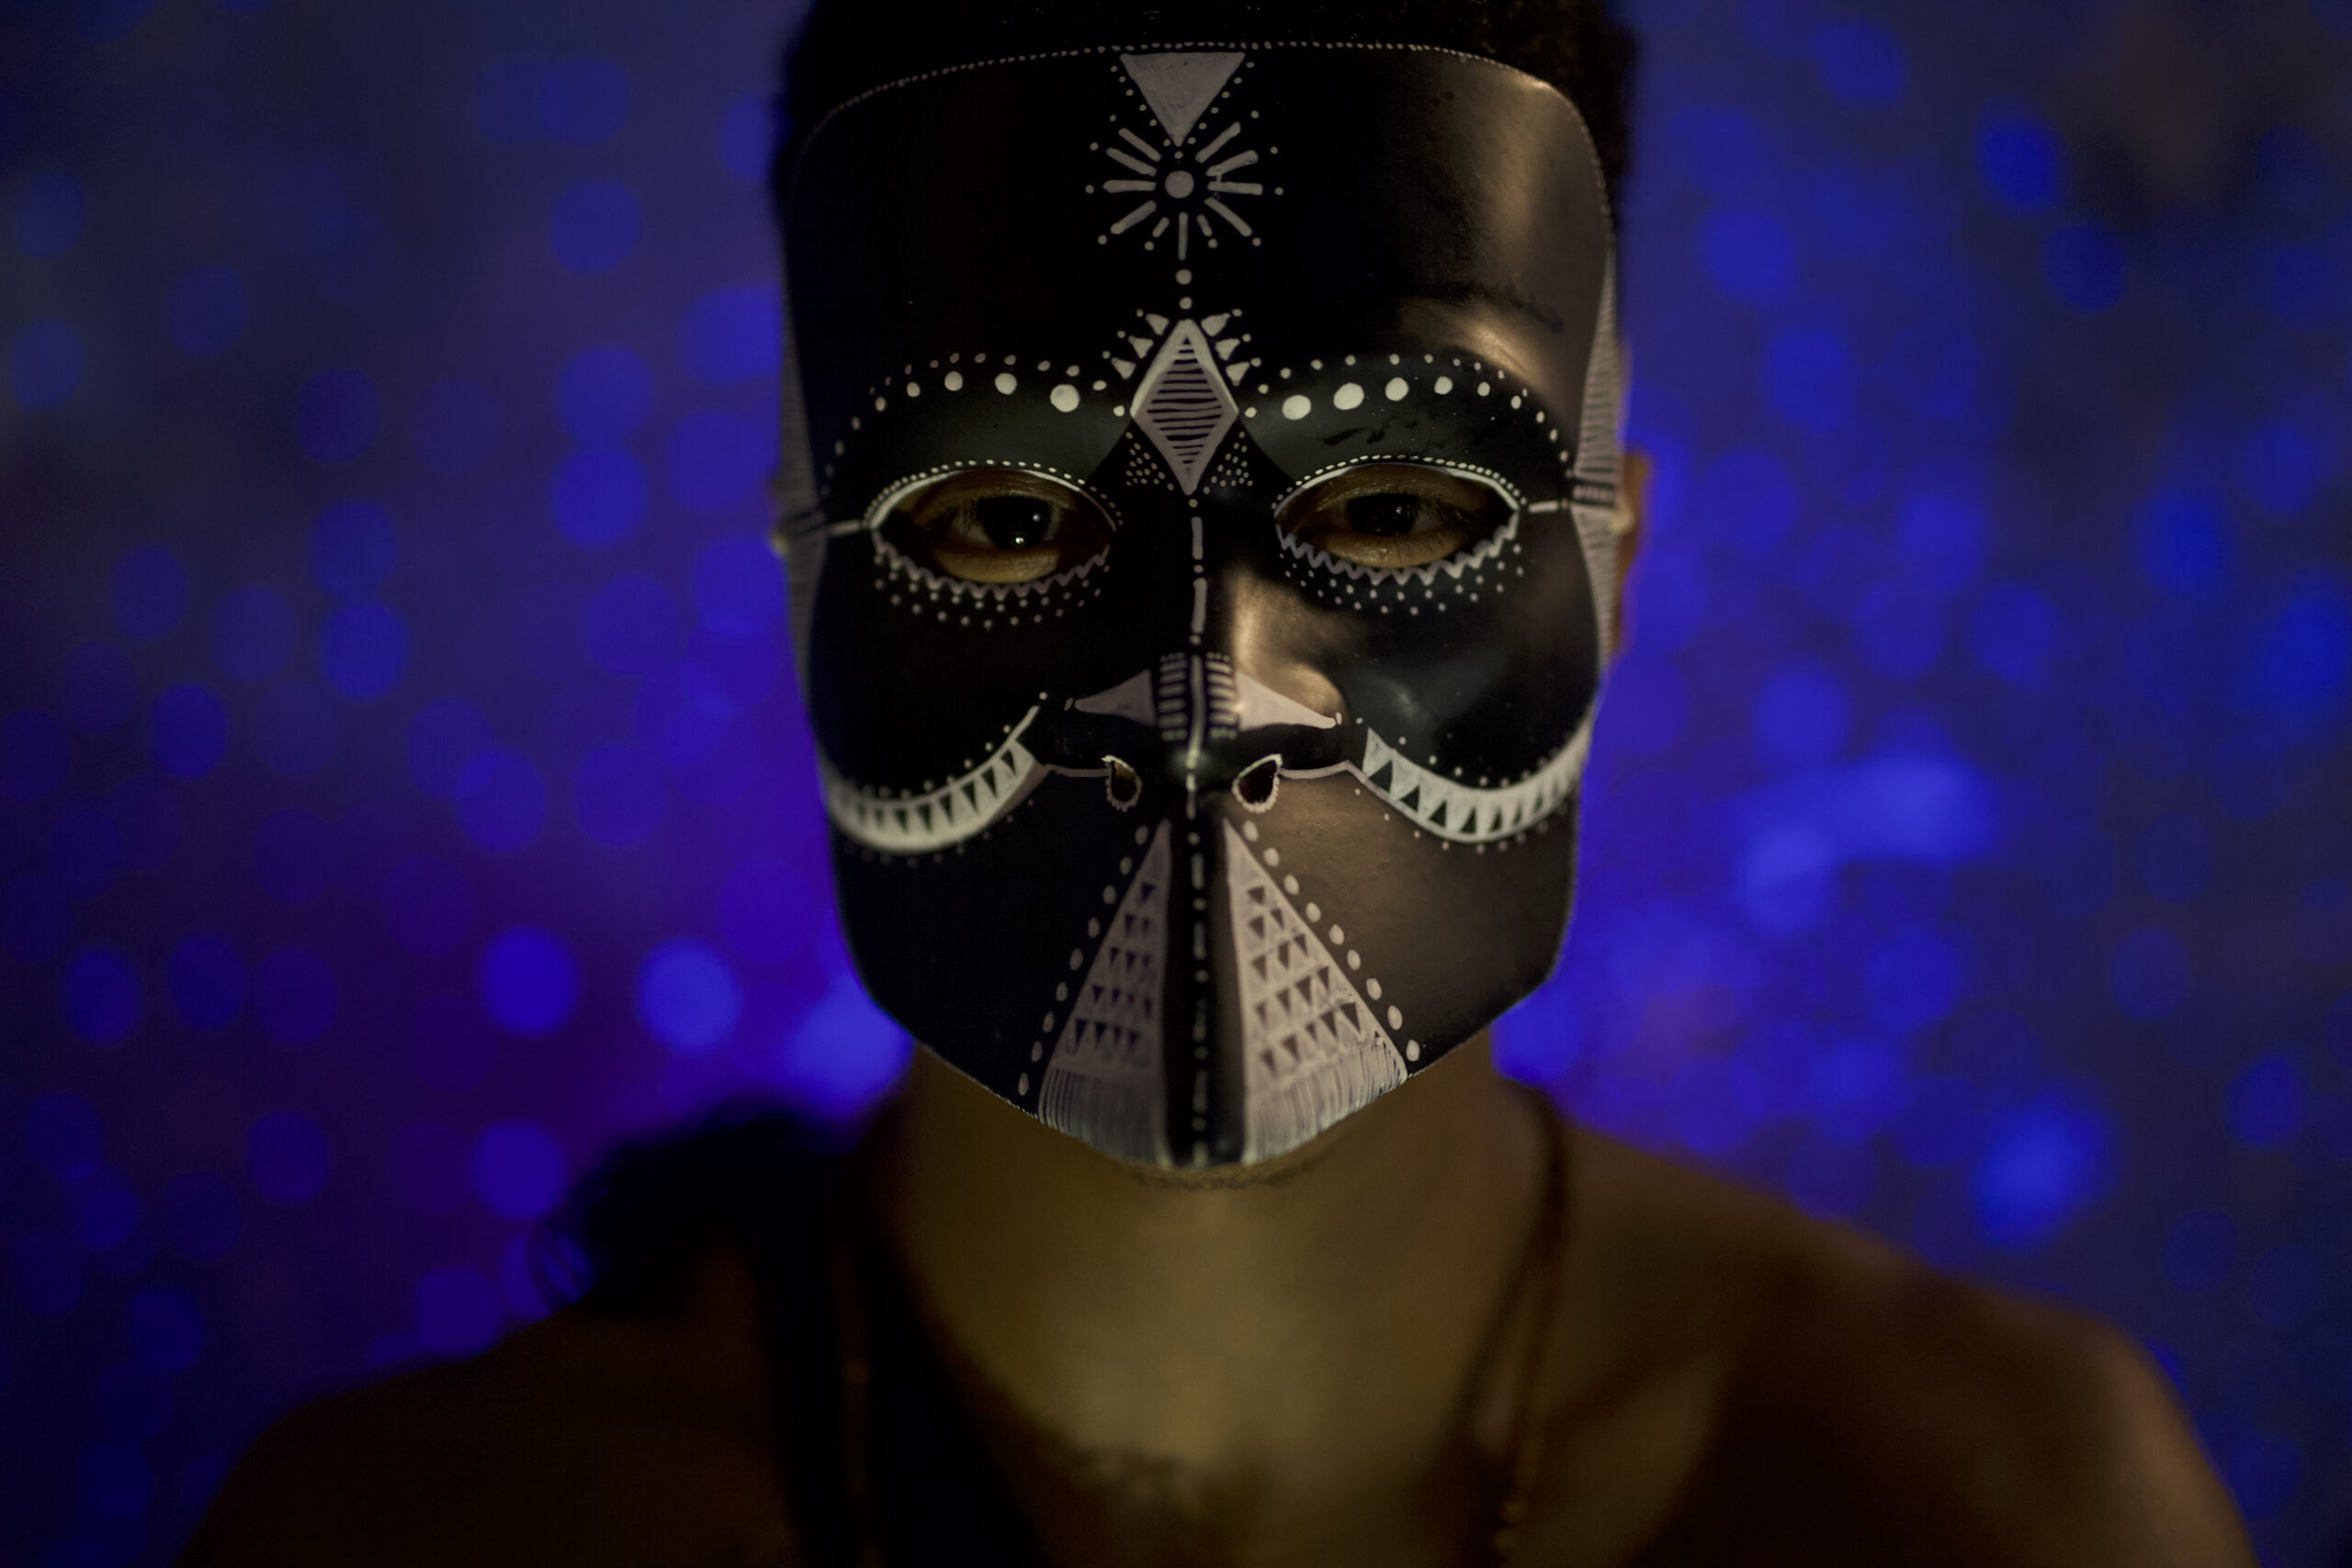 Homem sentado com máscara representando orixás em uma sala com fundo representando o universo